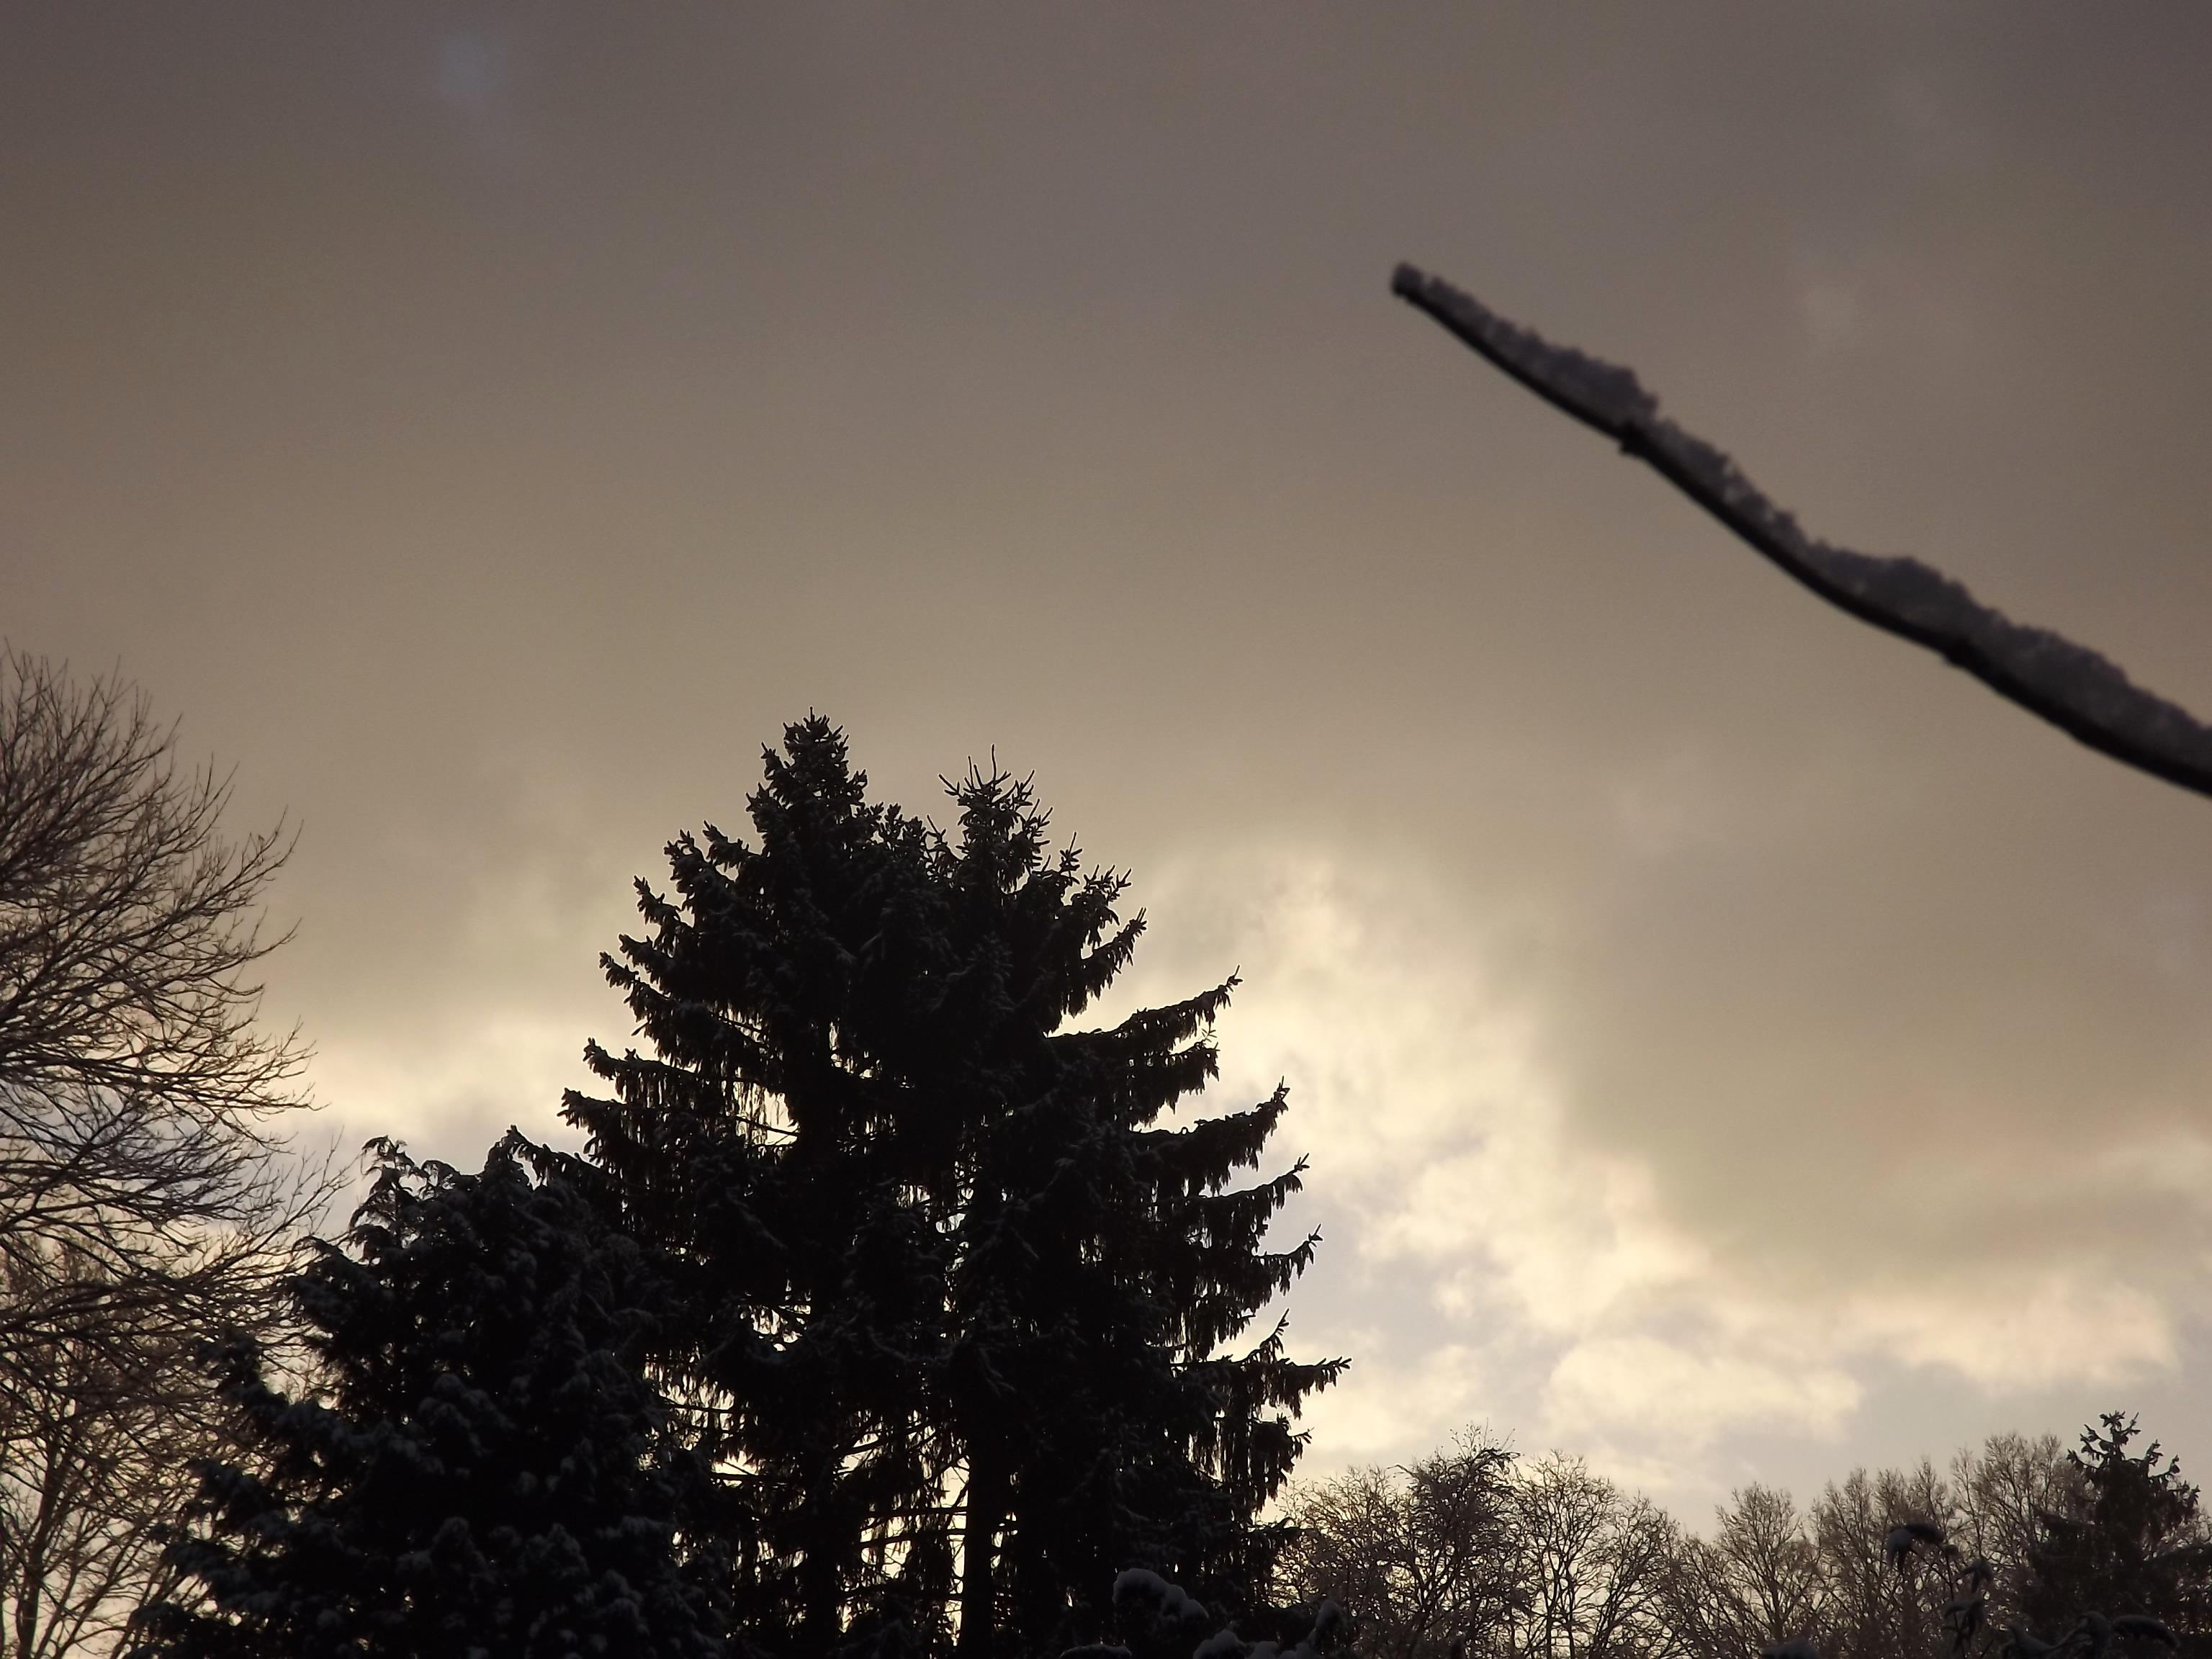 6887-baeume-verschneit-morgenlicht